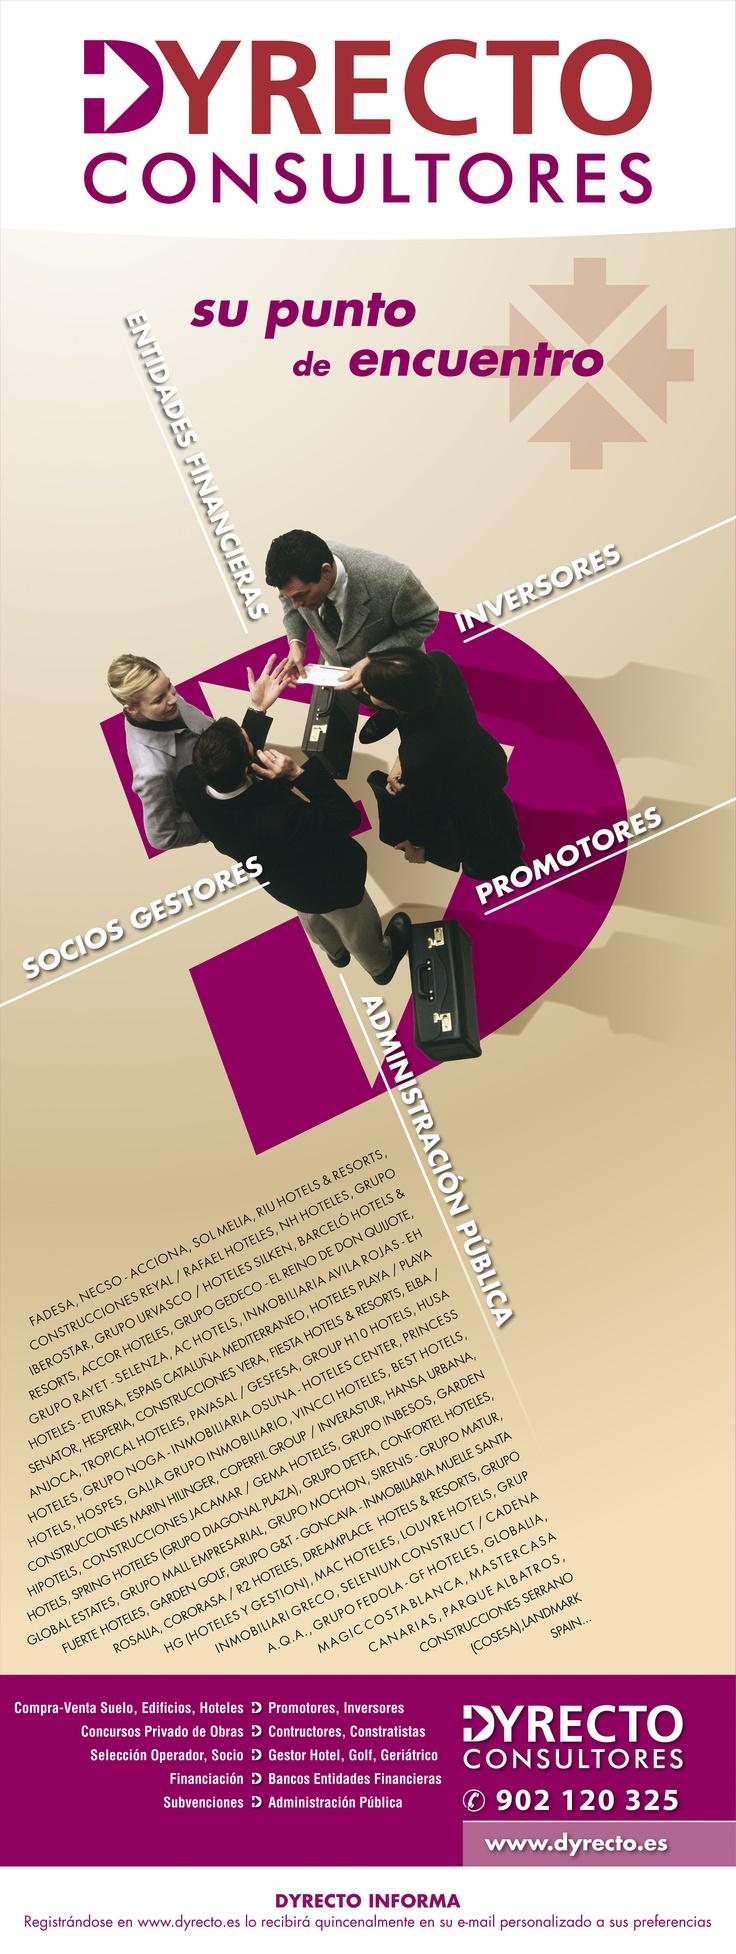 Dyrecto punto de encuentro entre inversores, promotores, socios gestores, entidades financieras ...